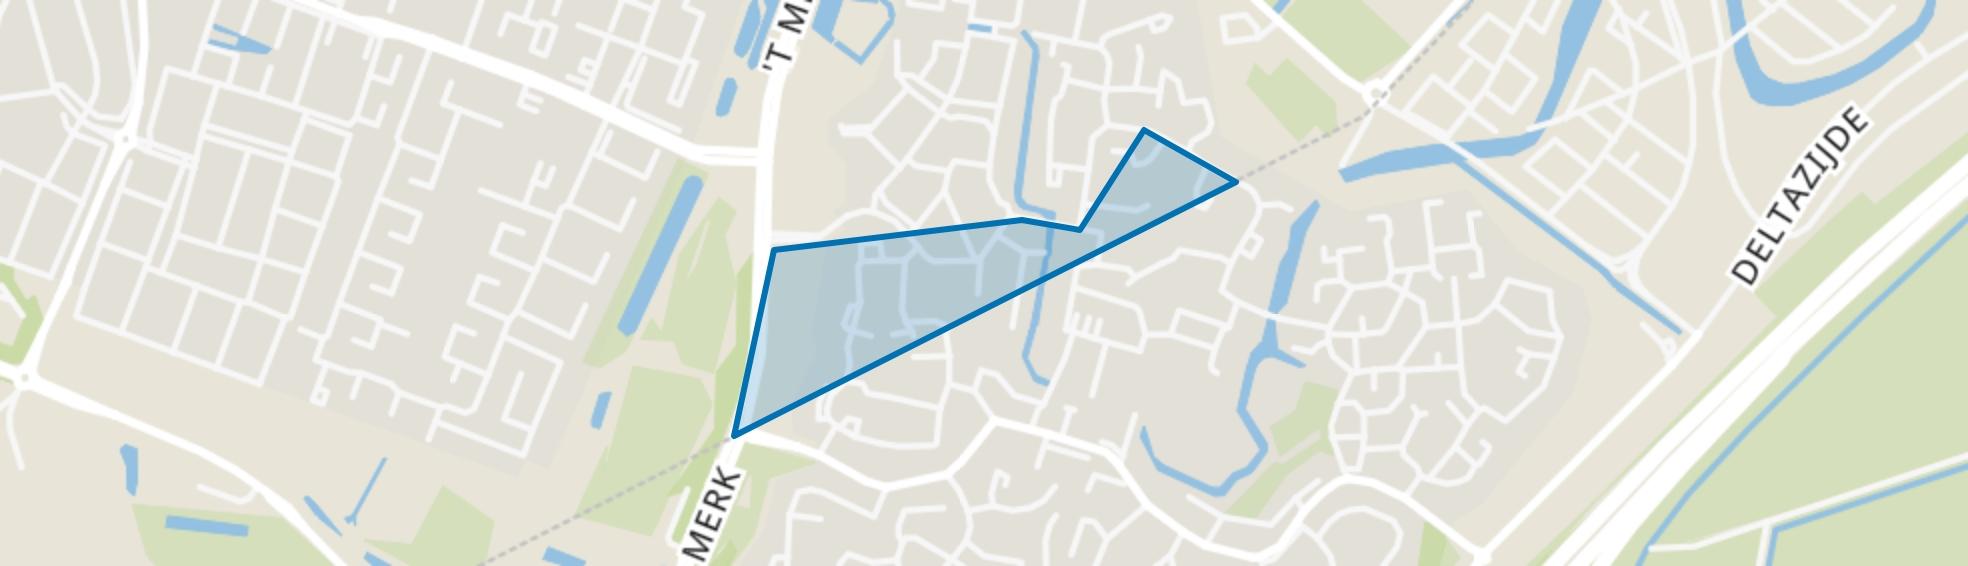 Bijvanck West, Huizen map